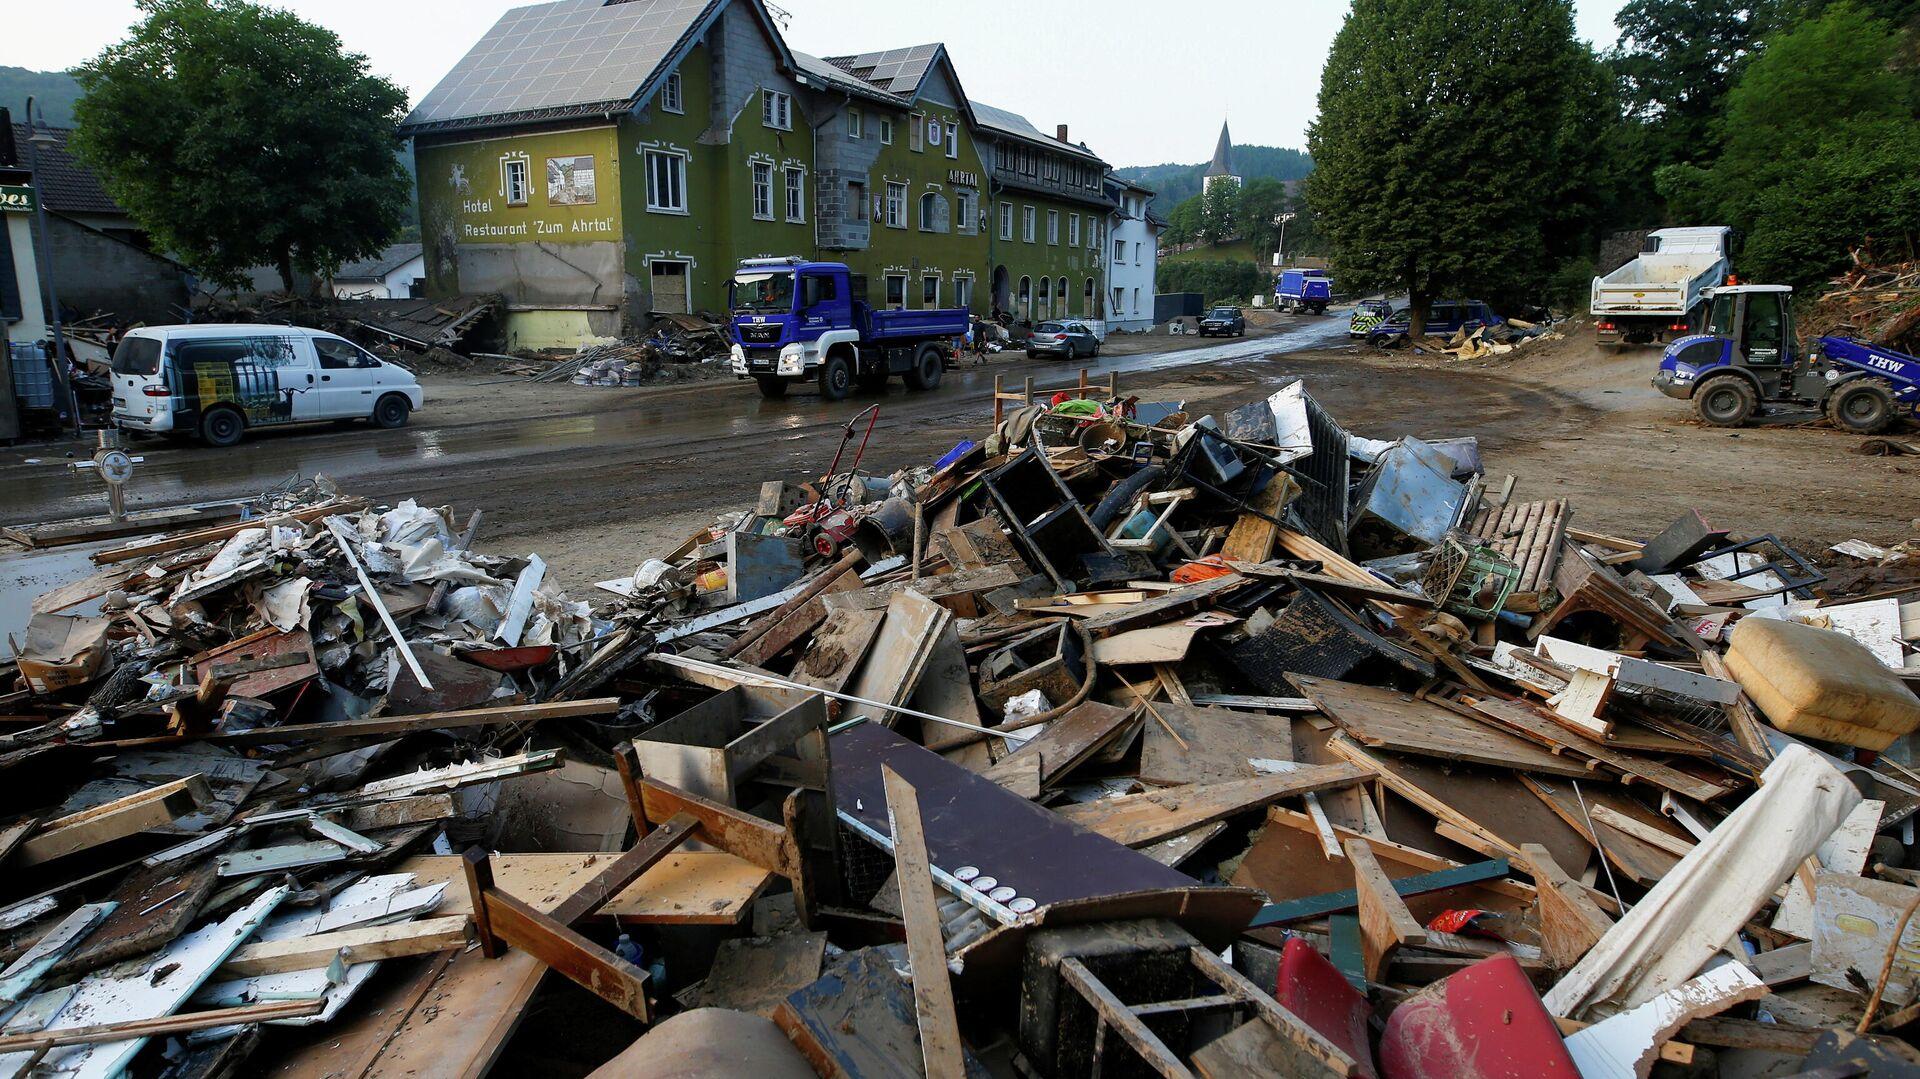 Folgen einer Flutkatastrophe in der Gemeinde Schuld, Landkreis Ahrweiler, Rheinland-Pfalz. 20. Juli 2021 - SNA, 1920, 23.07.2021